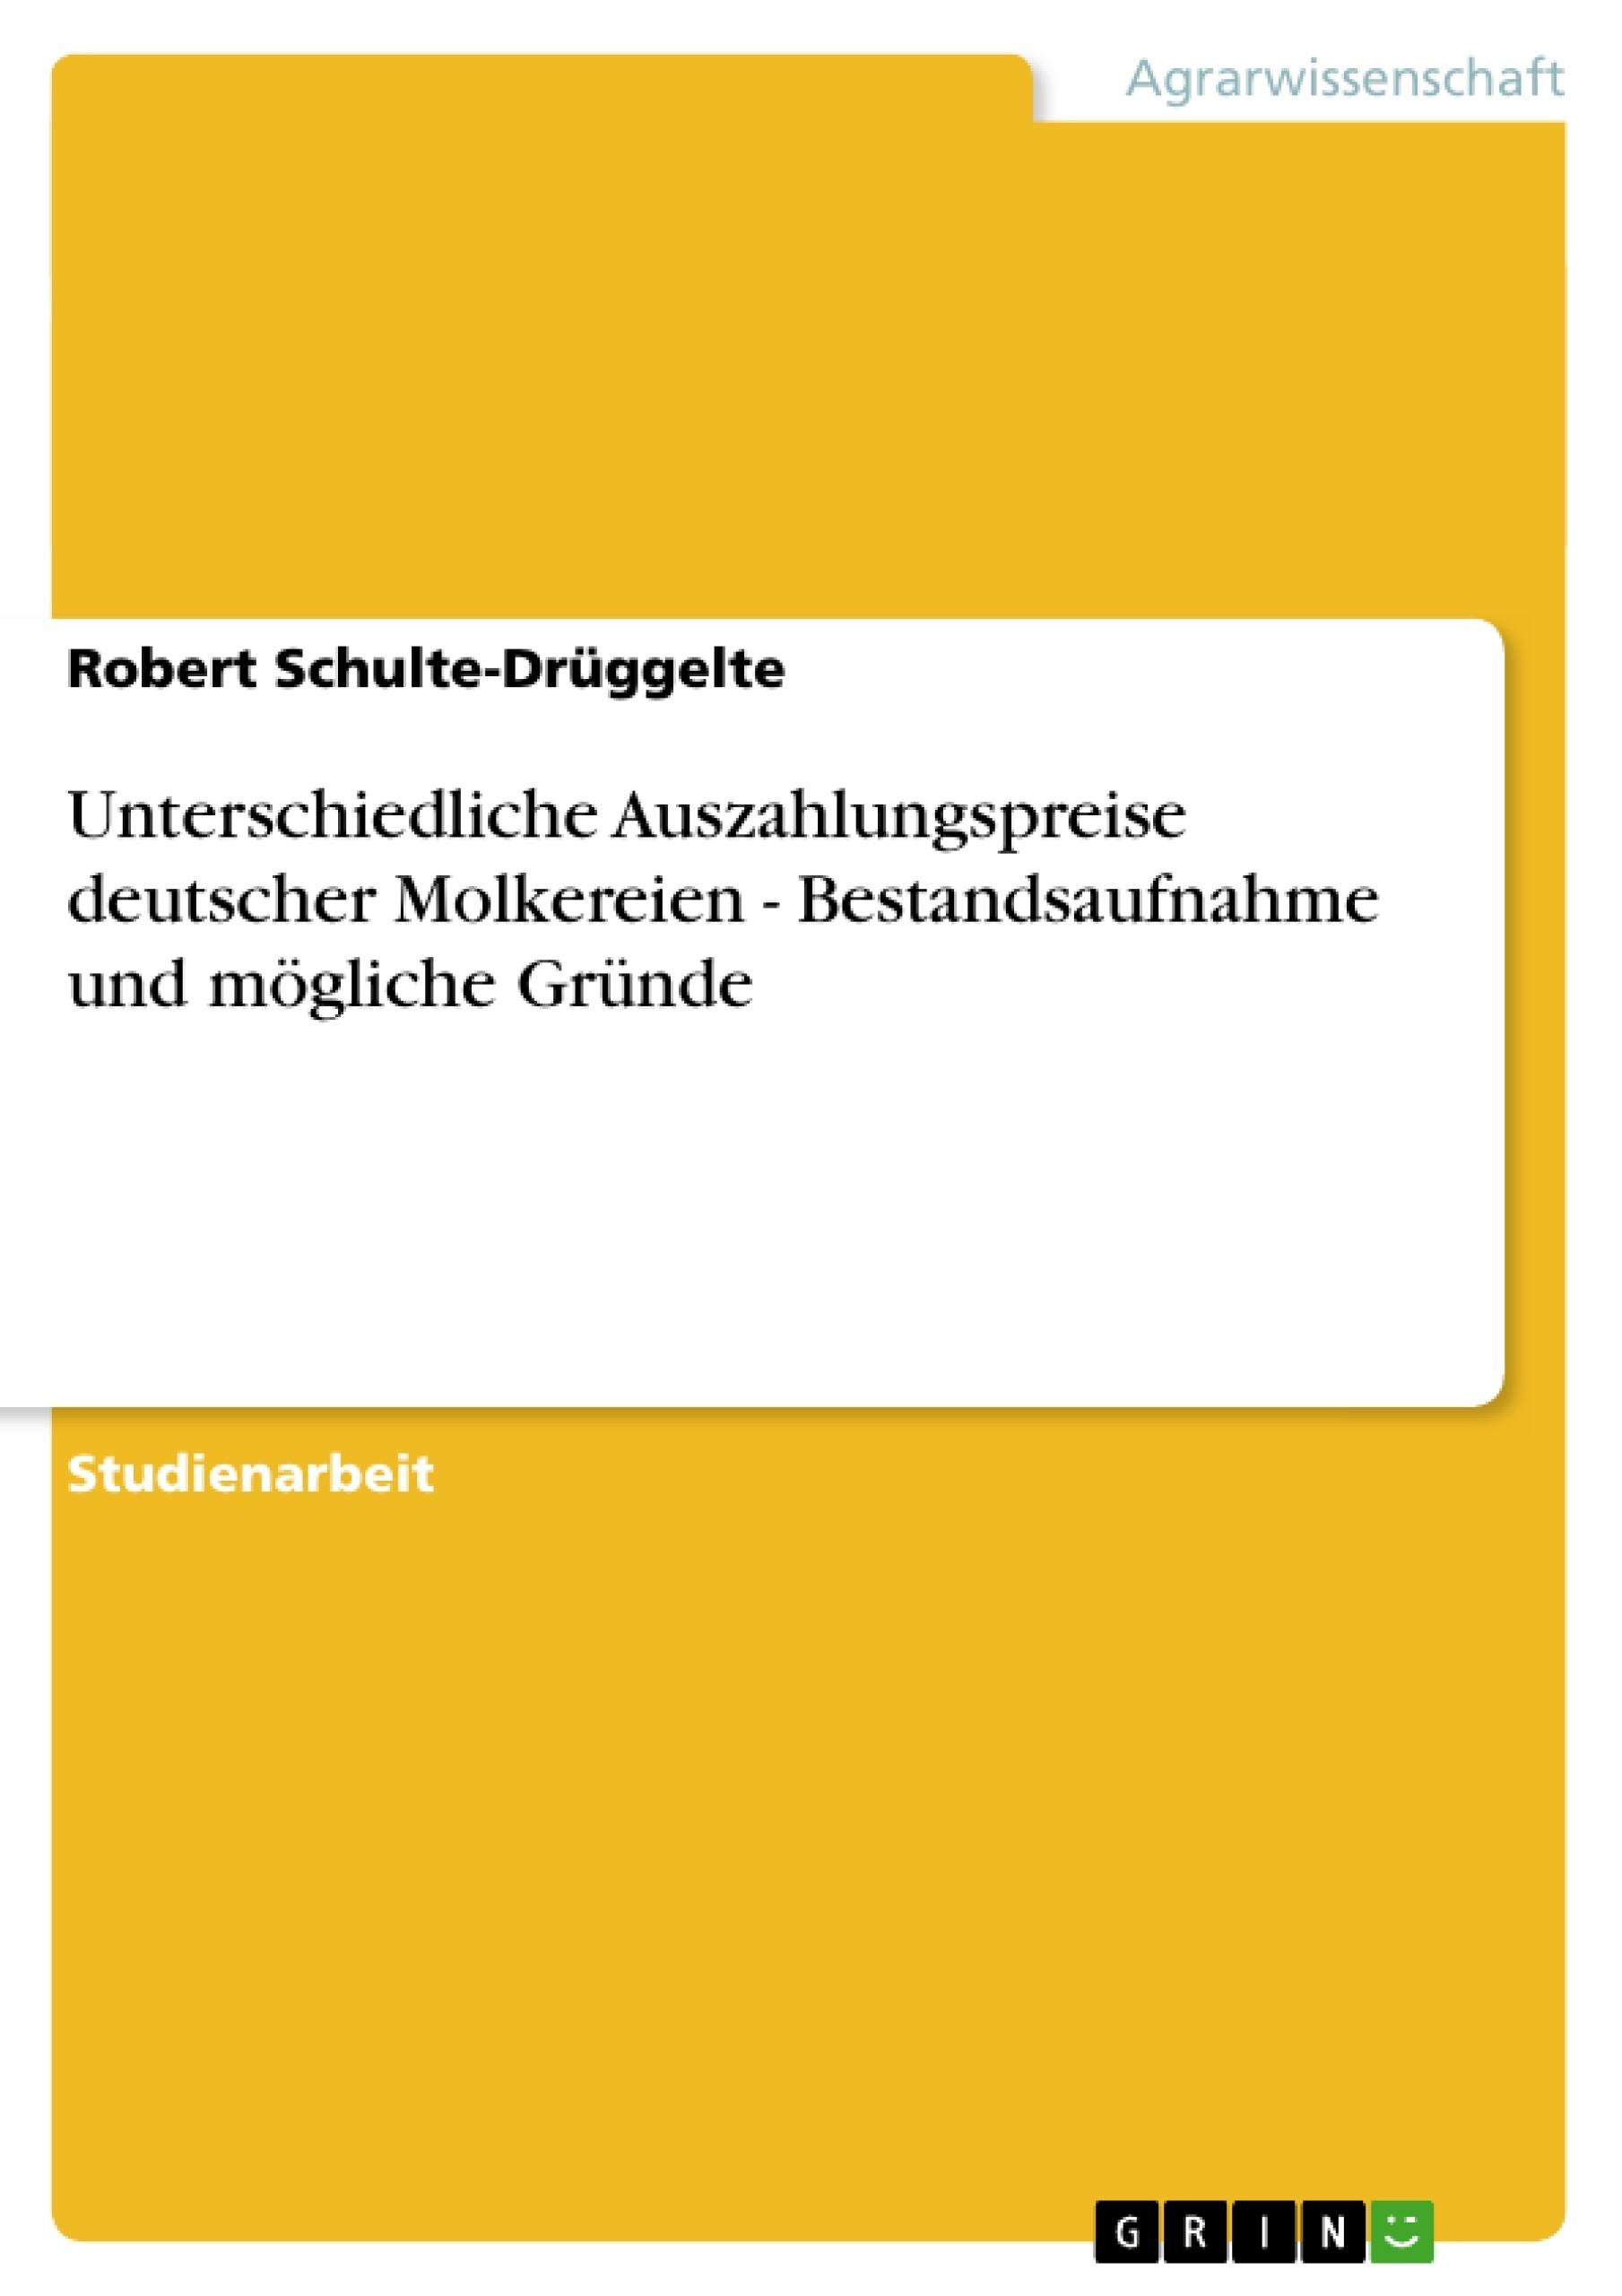 Titel: Unterschiedliche Auszahlungspreise deutscher Molkereien - Bestandsaufnahme und mögliche Gründe